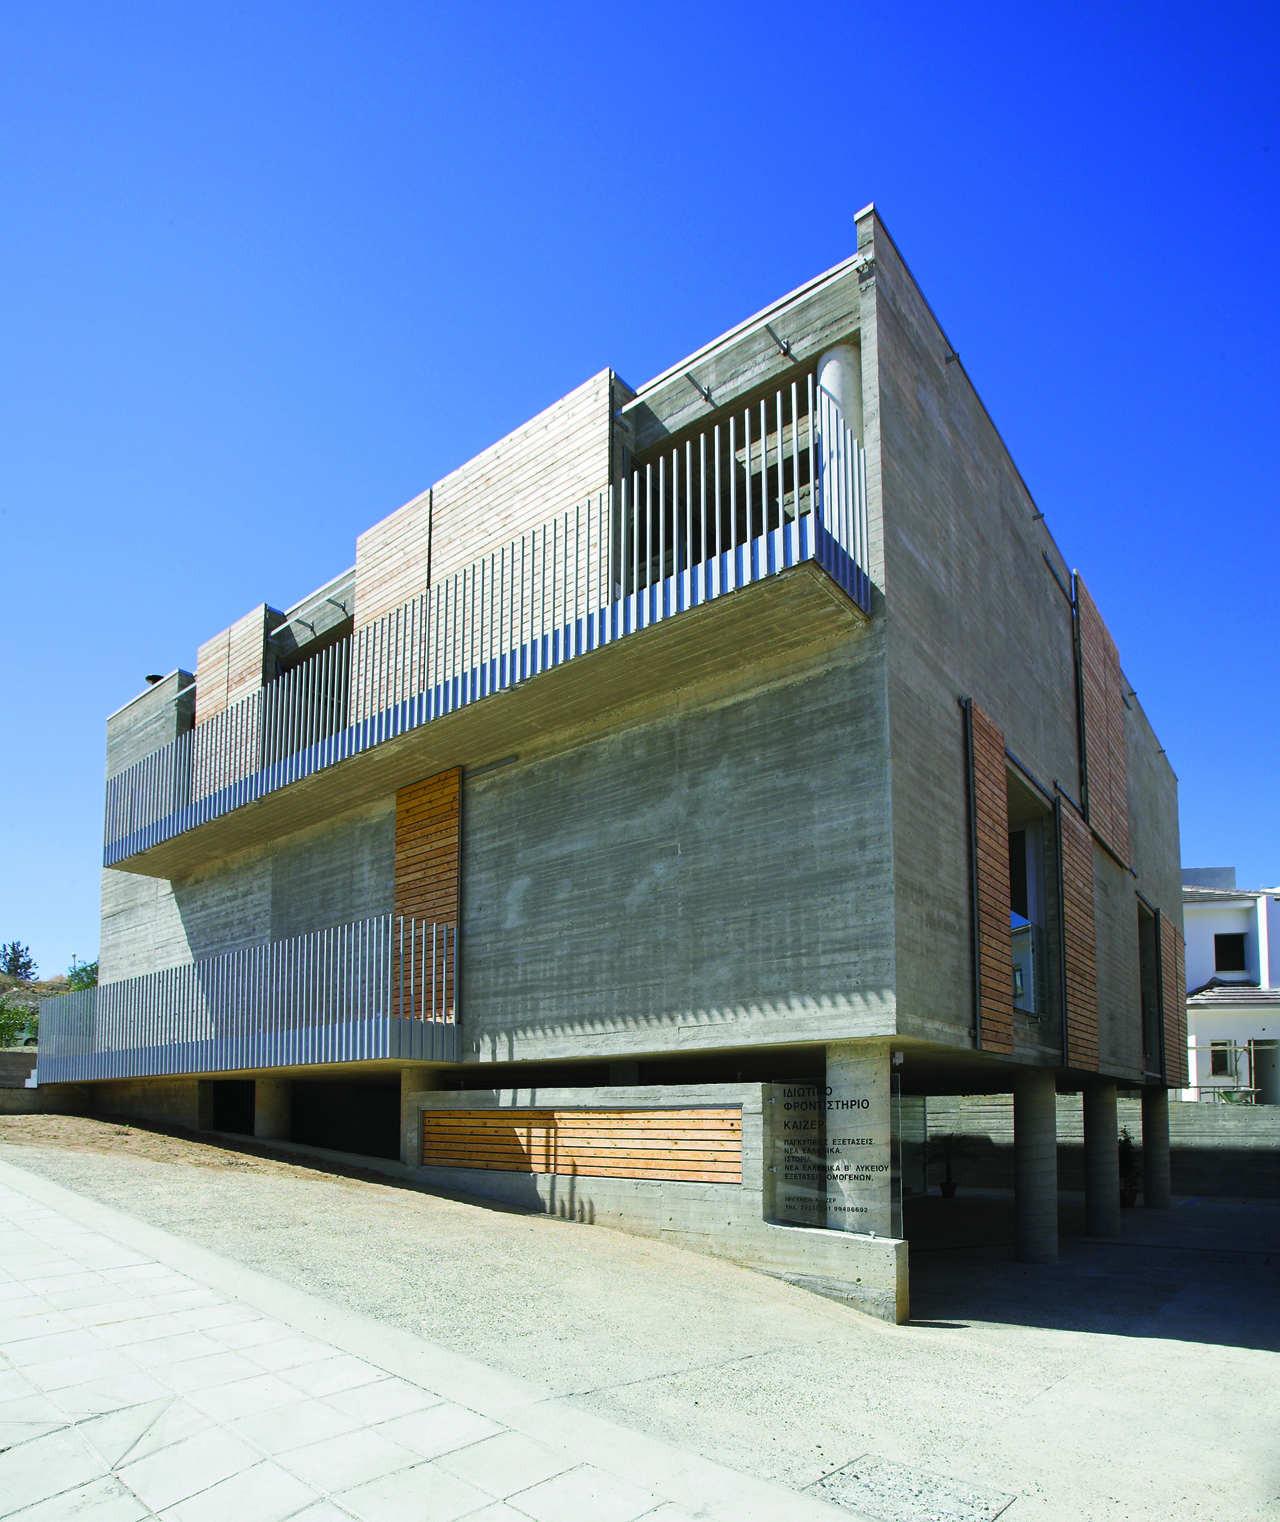 Residence In Aglantzia / Yiorgos Hadjichristou Architects, Petros Constantinou, © Christos Papantoniou